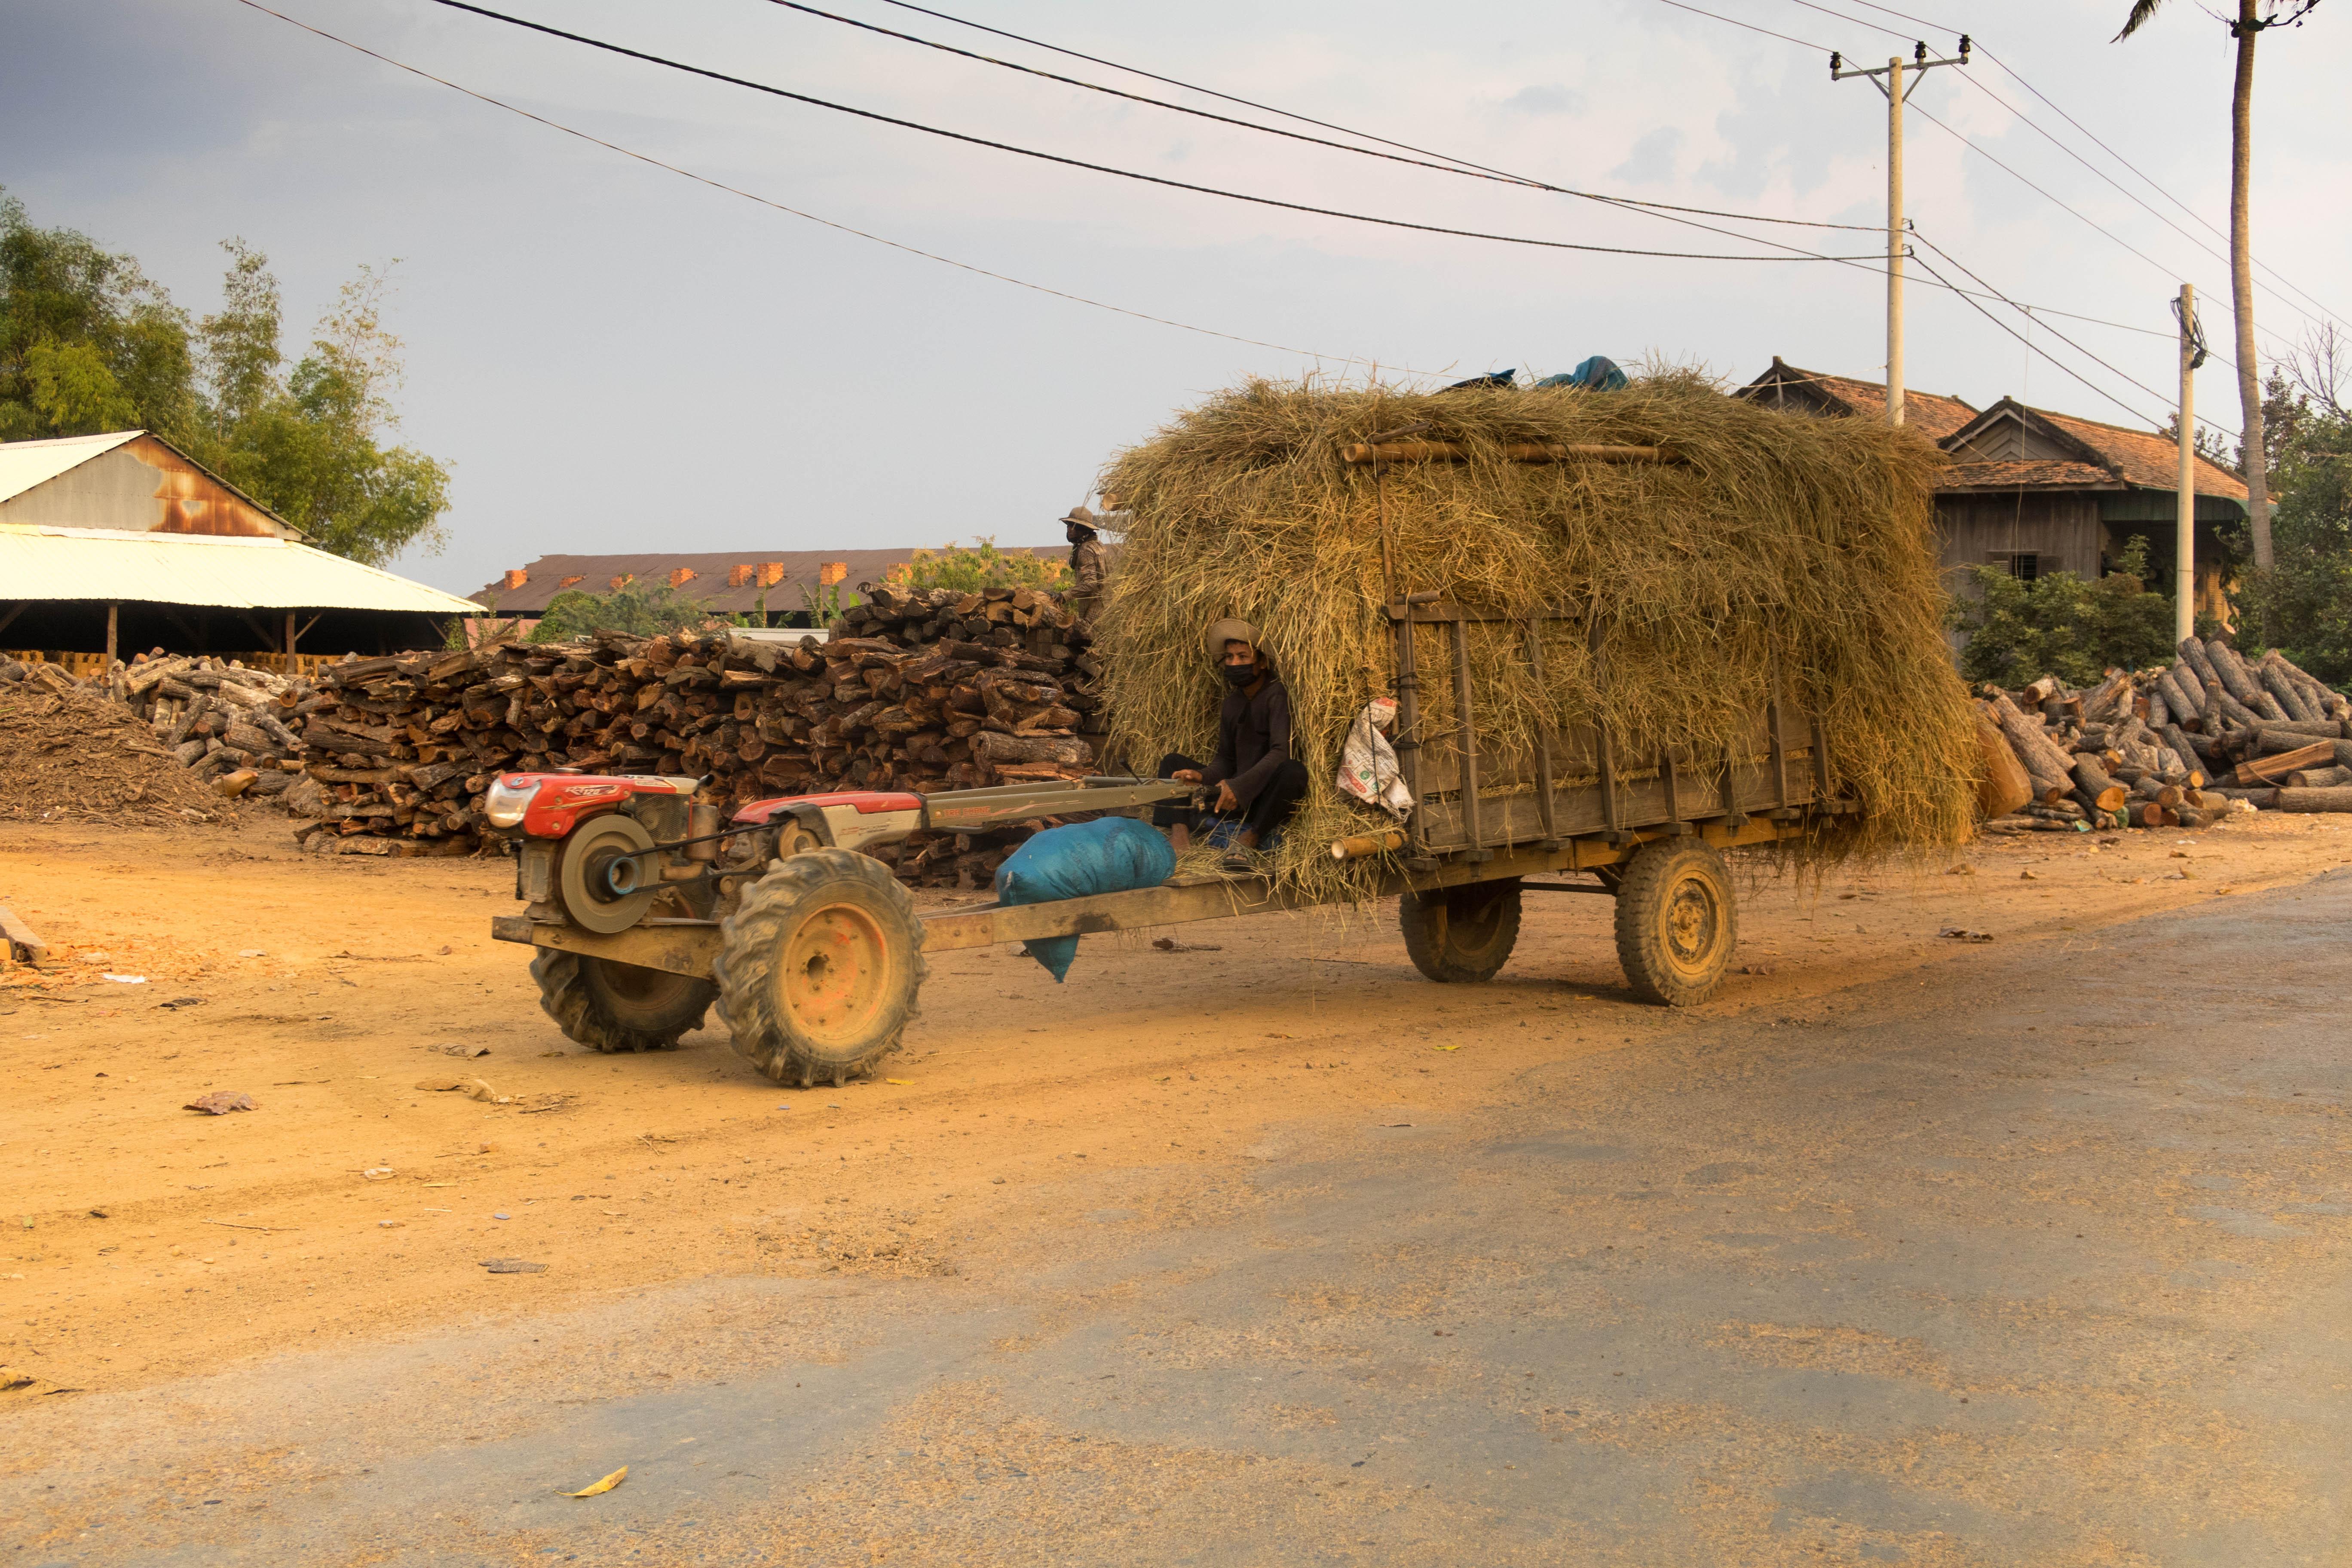 Tracteur - CAMBODGE